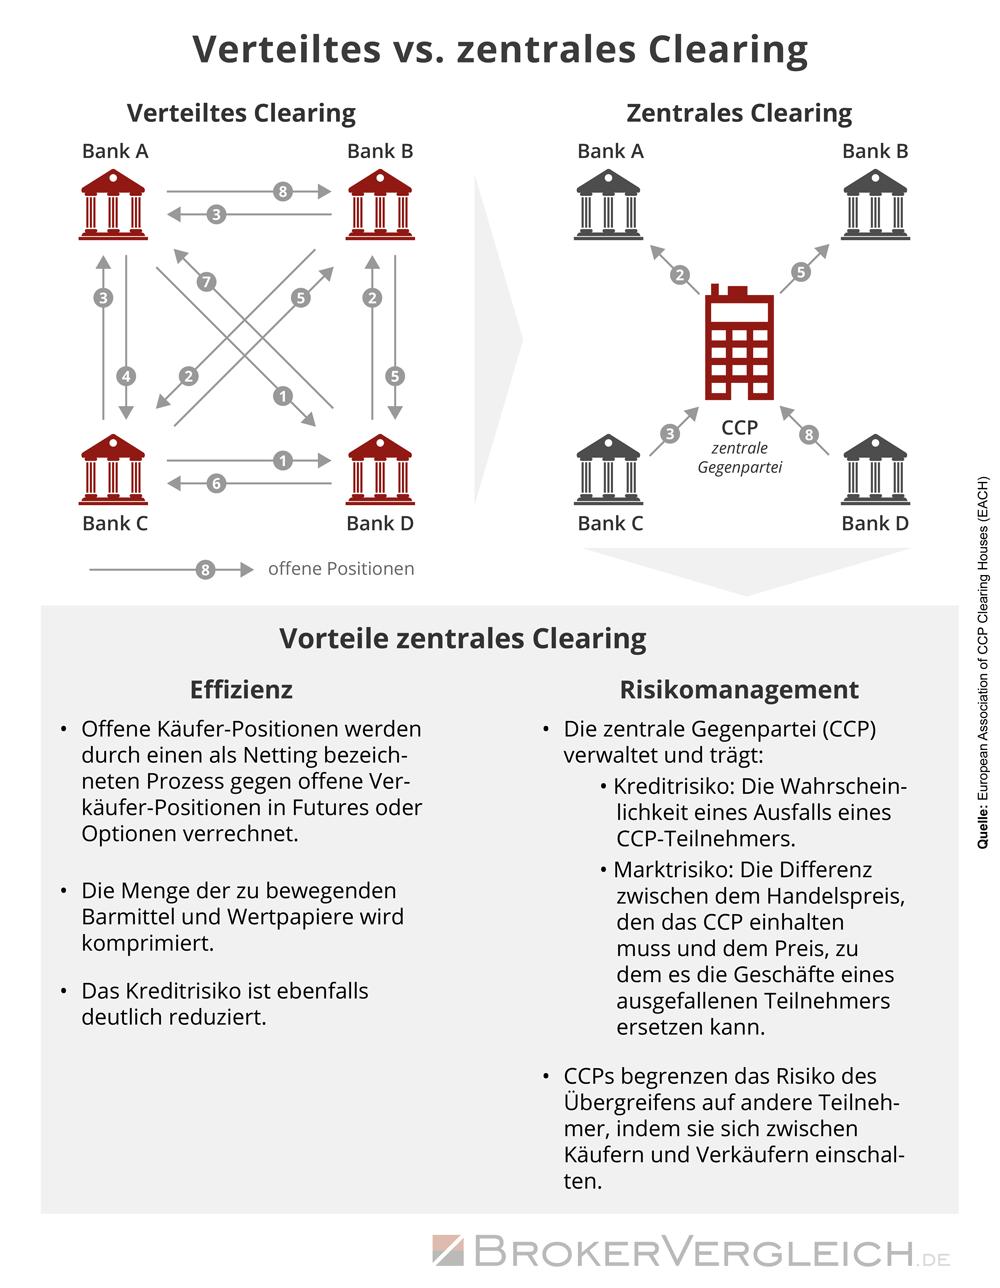 Infografik zu den Unterschieden zwischen dezentralem und zentralem Clearing